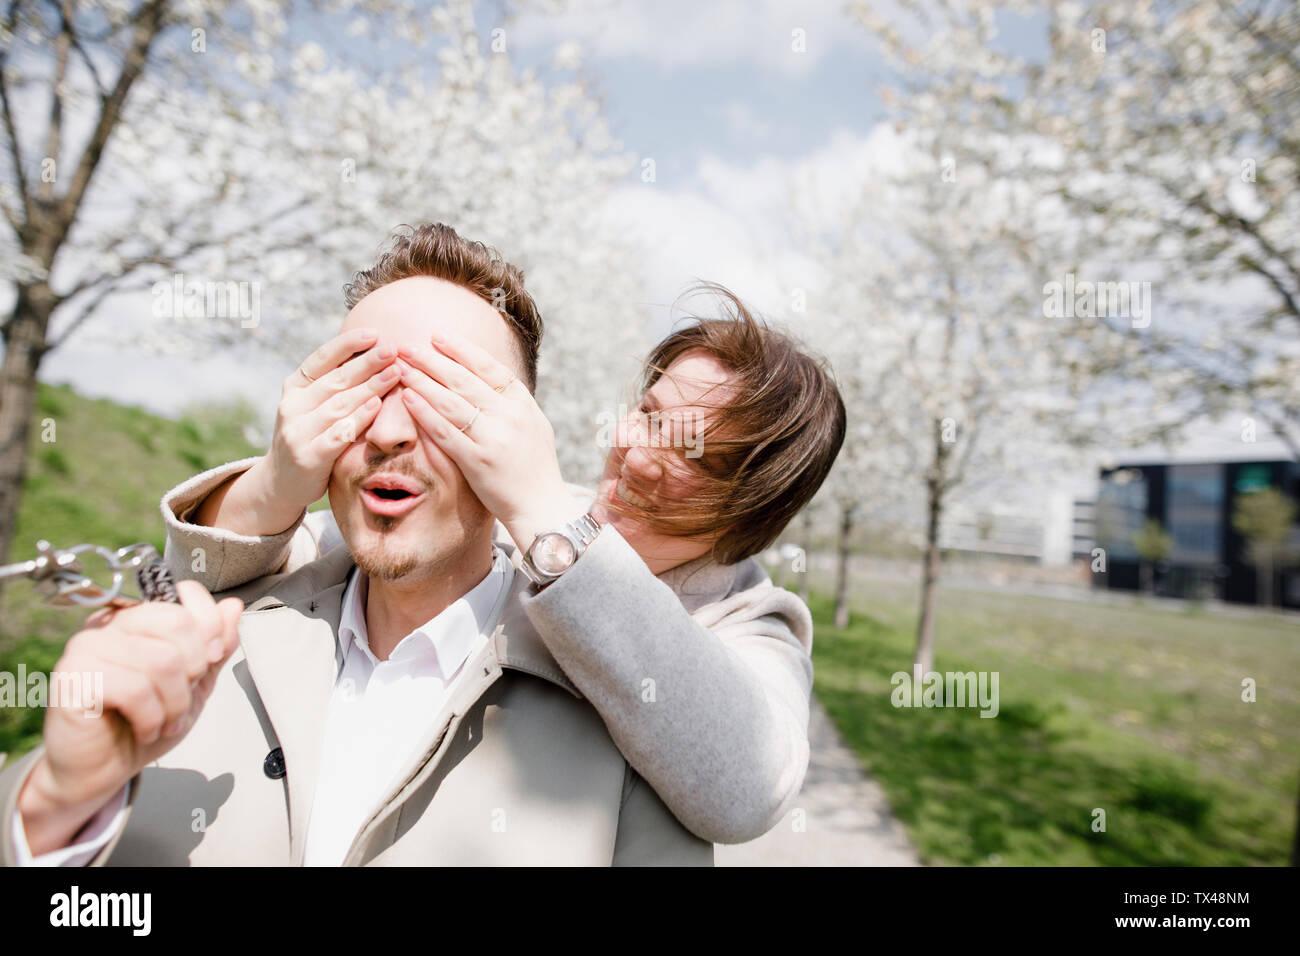 Happy young man holding latchkeys pour nouvelle maison, tandis que la femme est couvrant ses yeux Banque D'Images